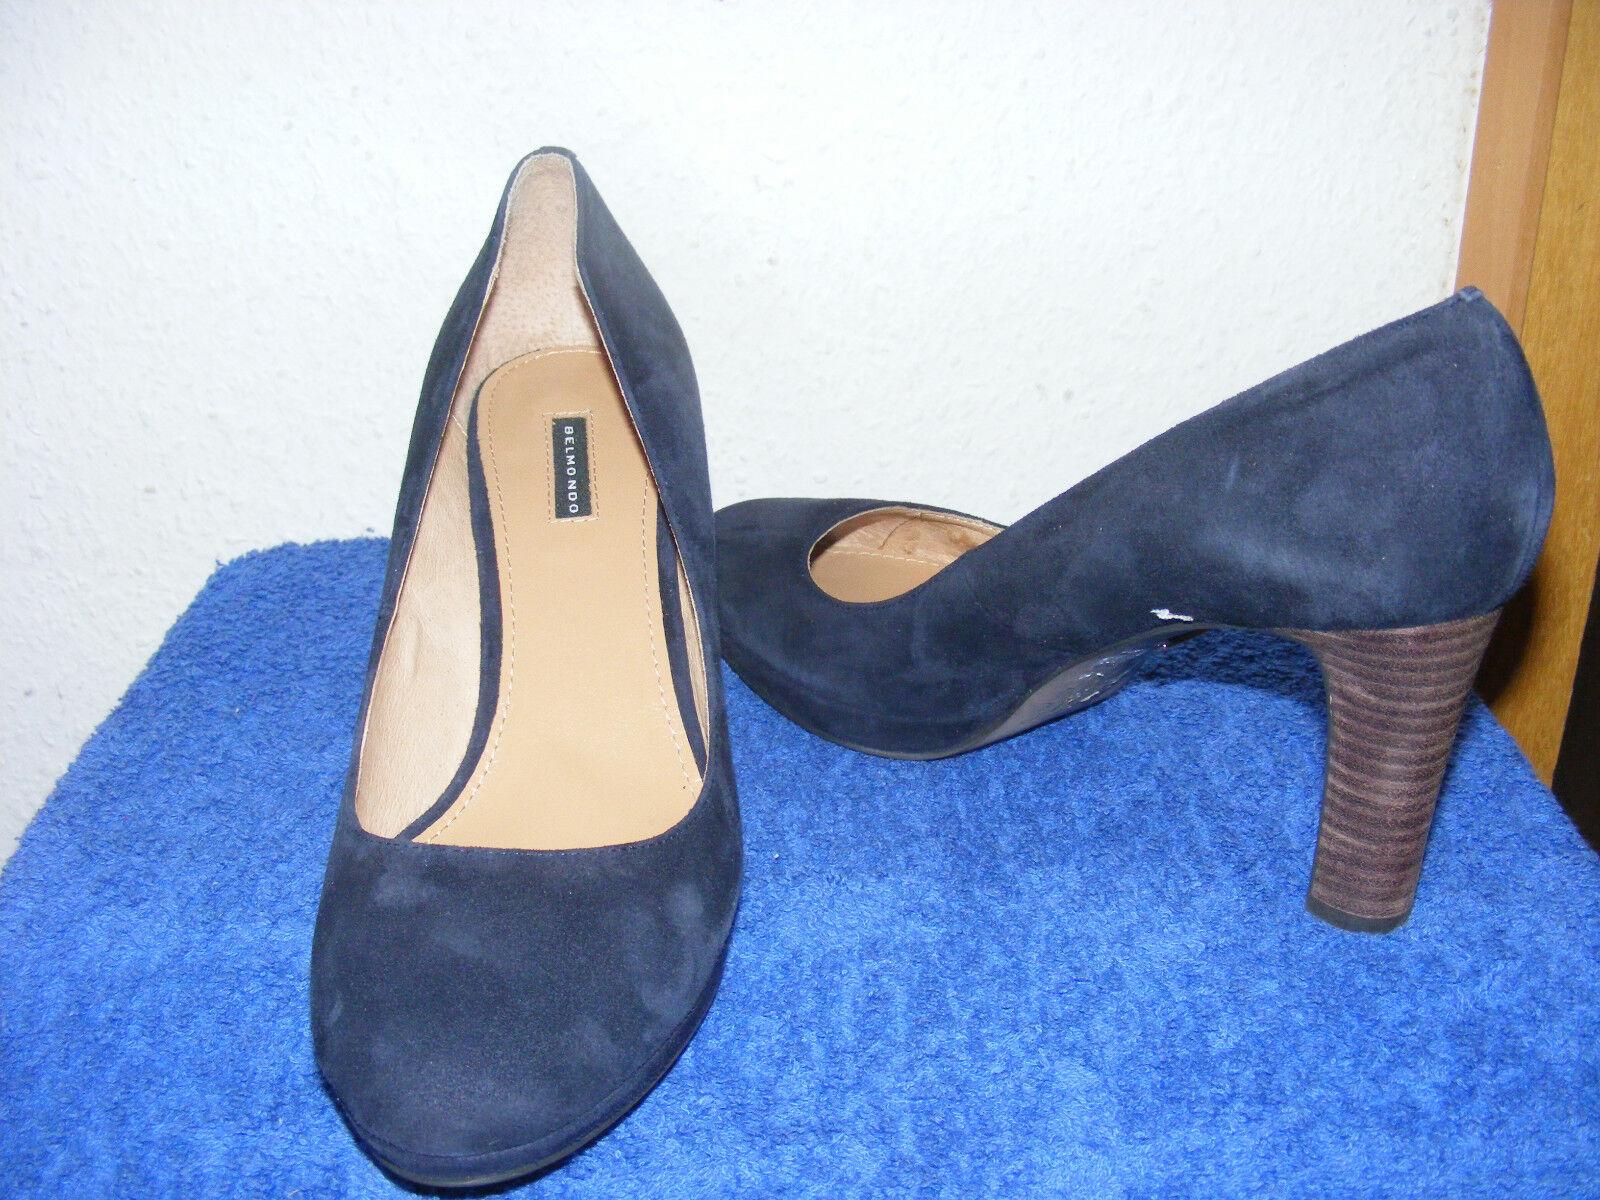 Zapatos Zapatos Zapatos de salón talla 41 azul de salón nuevo párrafo belmondo 8 cm azul tacón alto  productos creativos